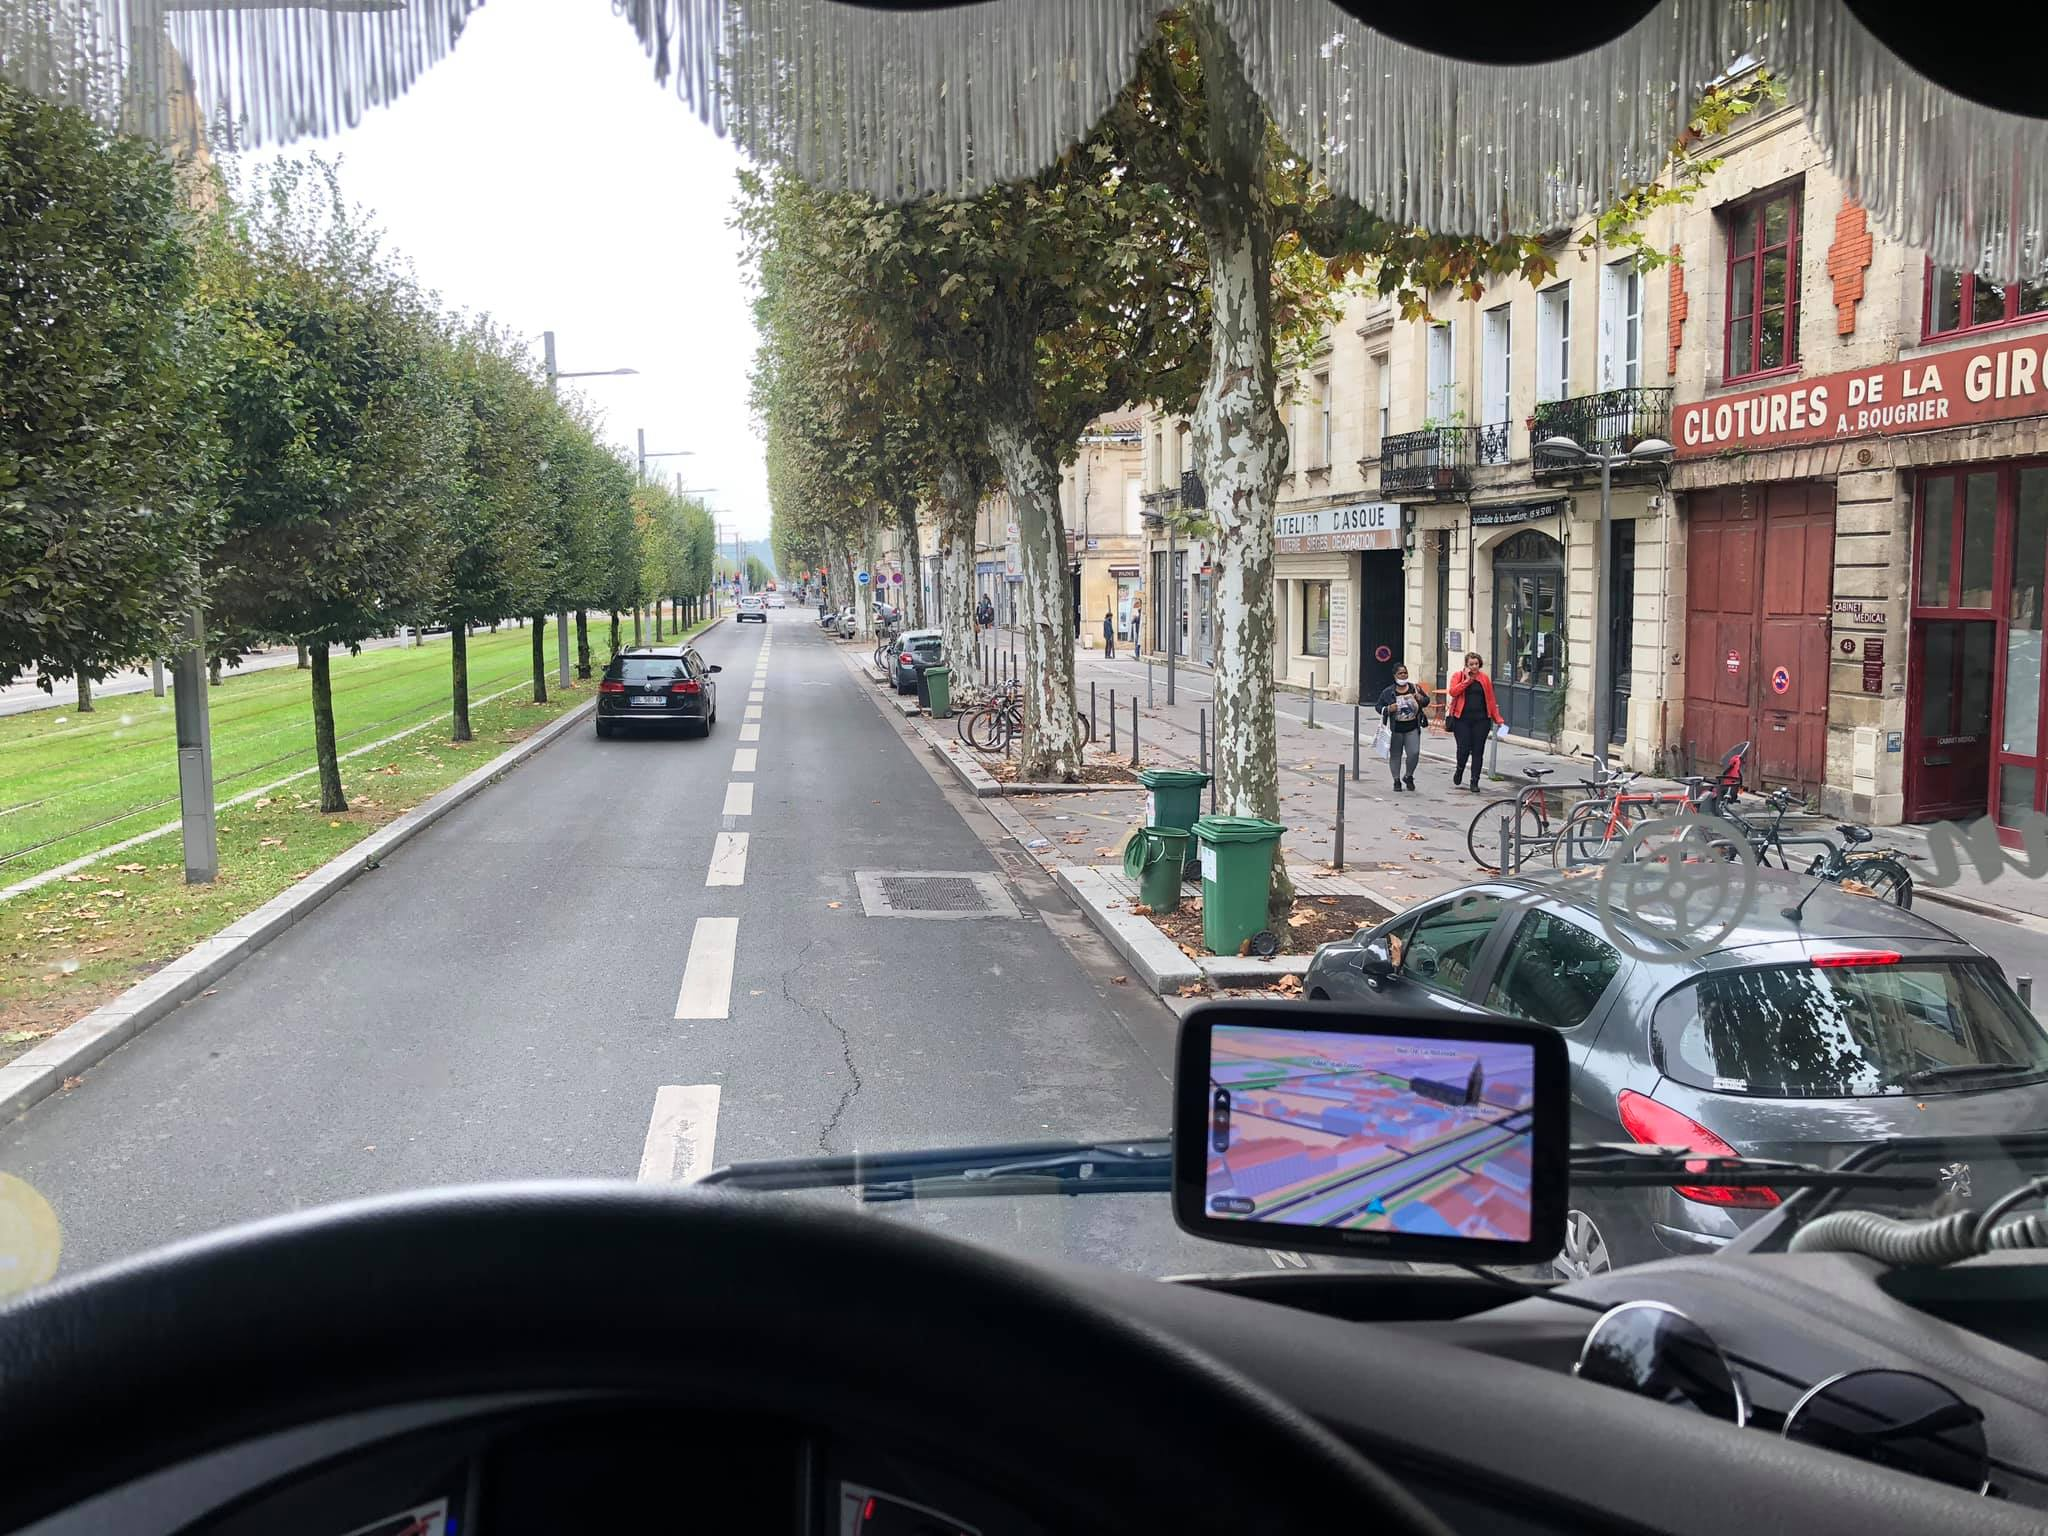 samen-een-mooie-tour-in-de-regio-van-Bordeaux-gemaakt-26-9-2020---(14)